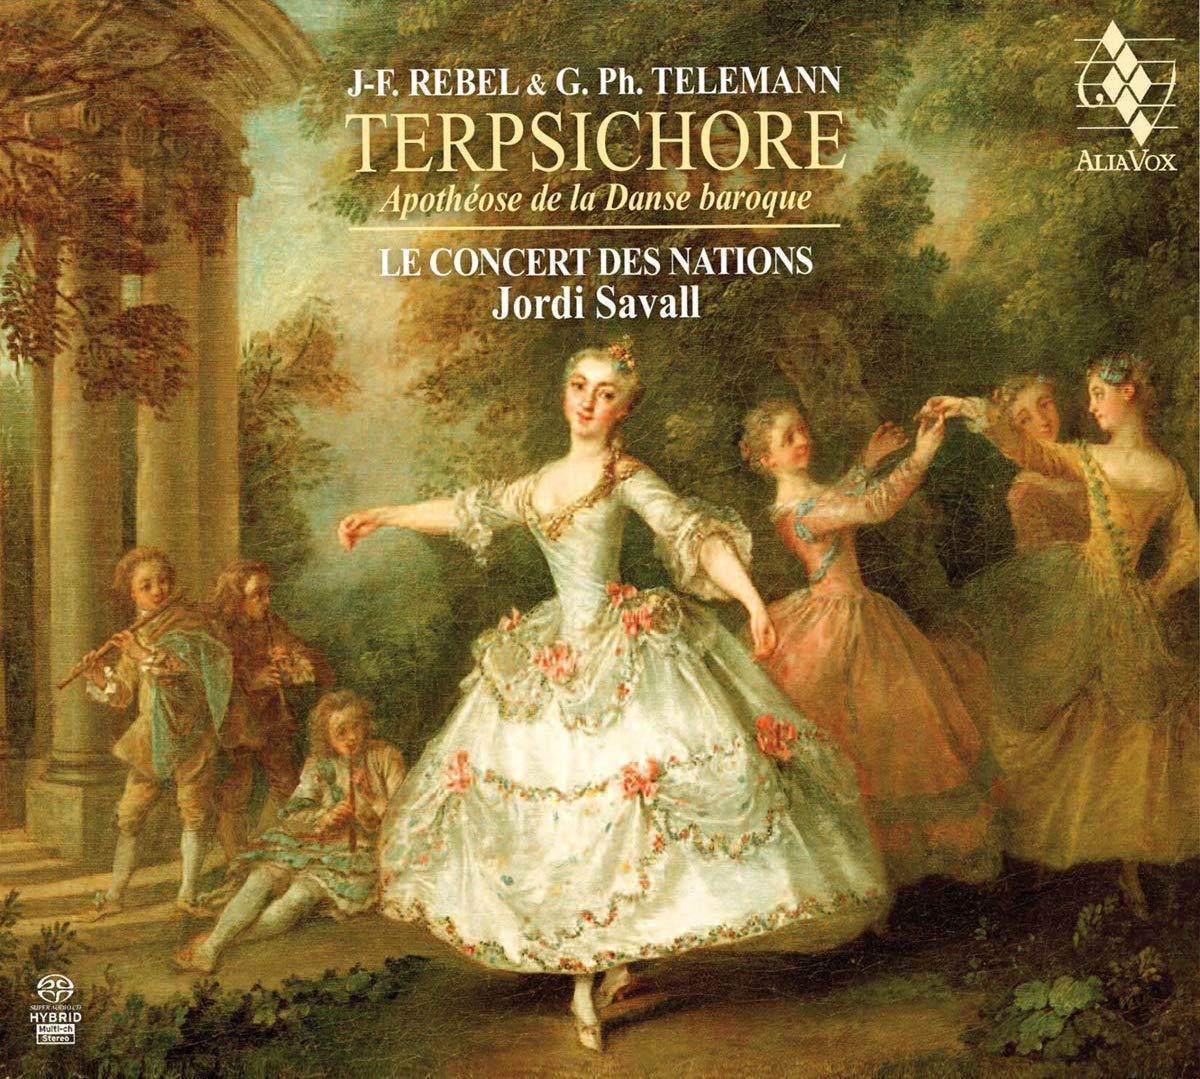 Terpsichore danses louis xv telemann rebel jordi savall cd critique review cd classiquenews